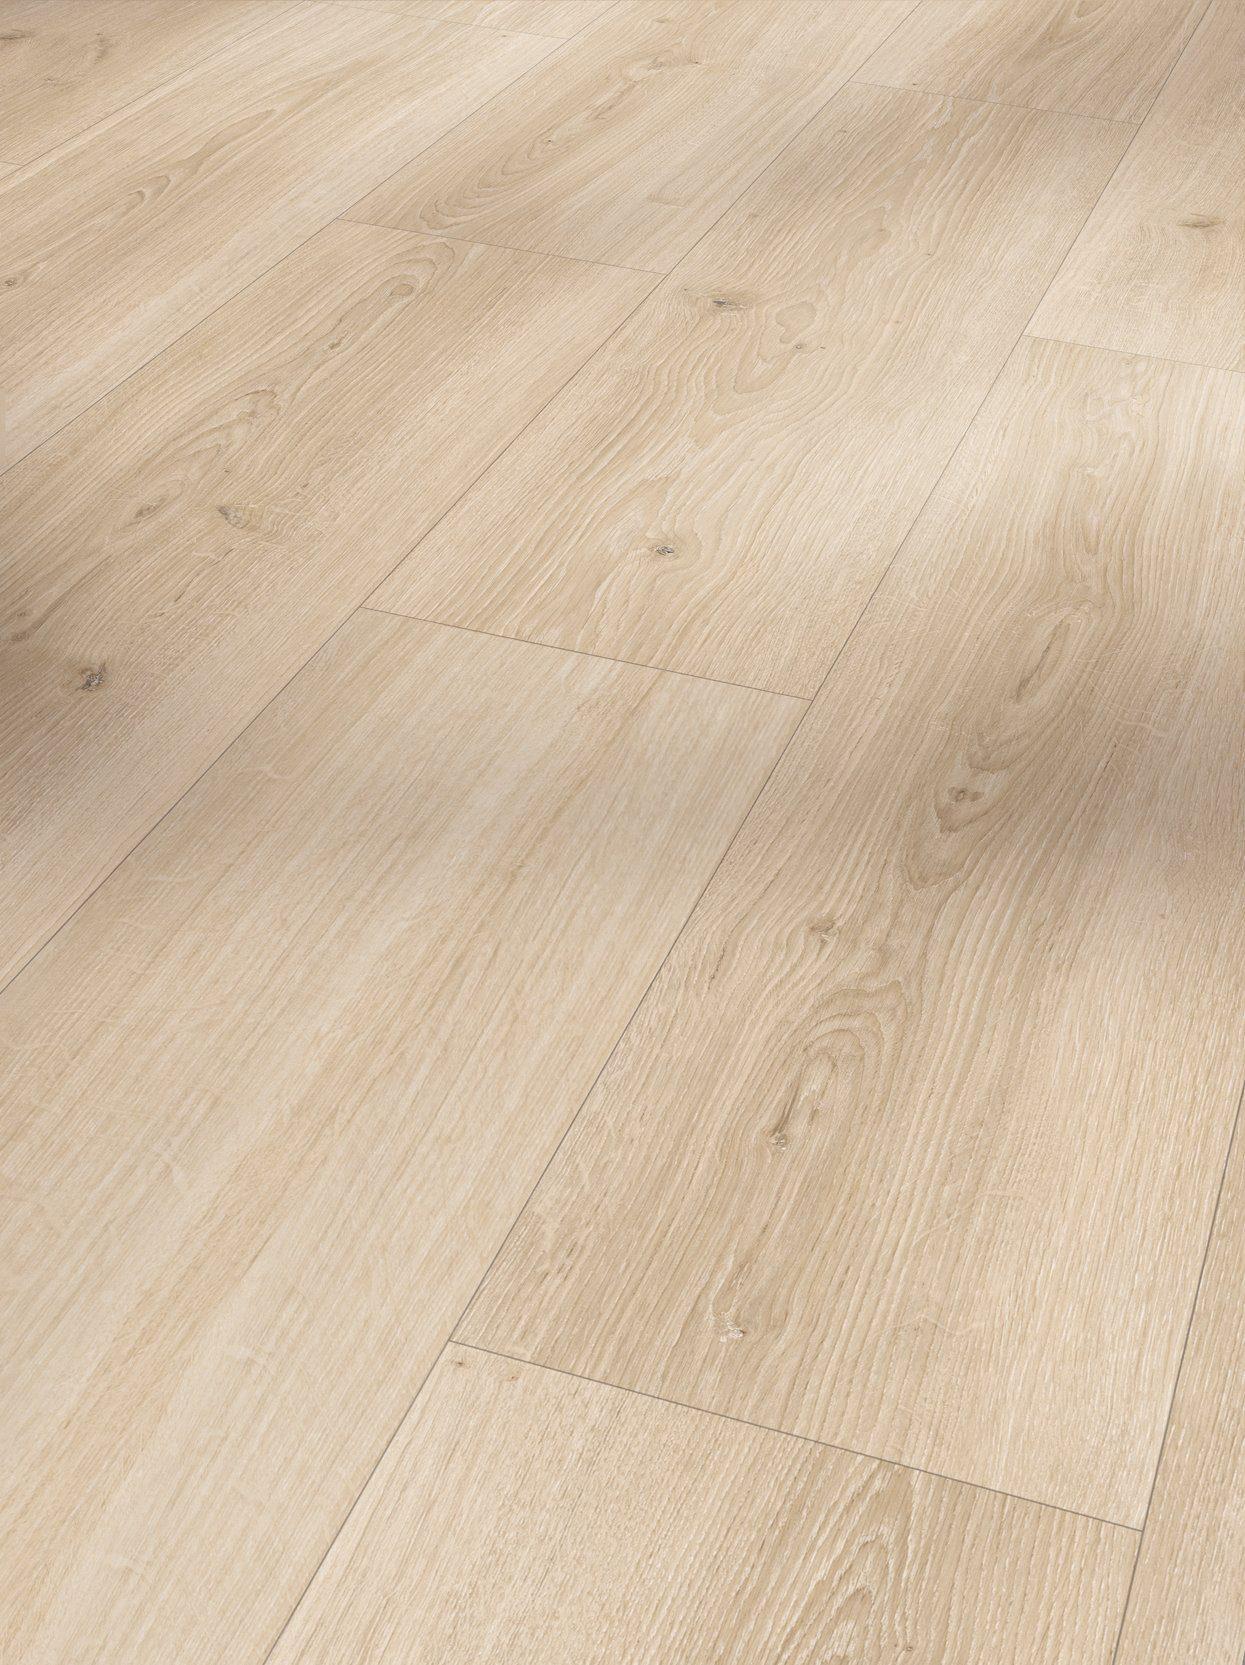 PARADOR Laminat »Trendtime 8 - Eiche Studioline Natur matt«, 1285 x 330 mm, Stärke: 8 mm